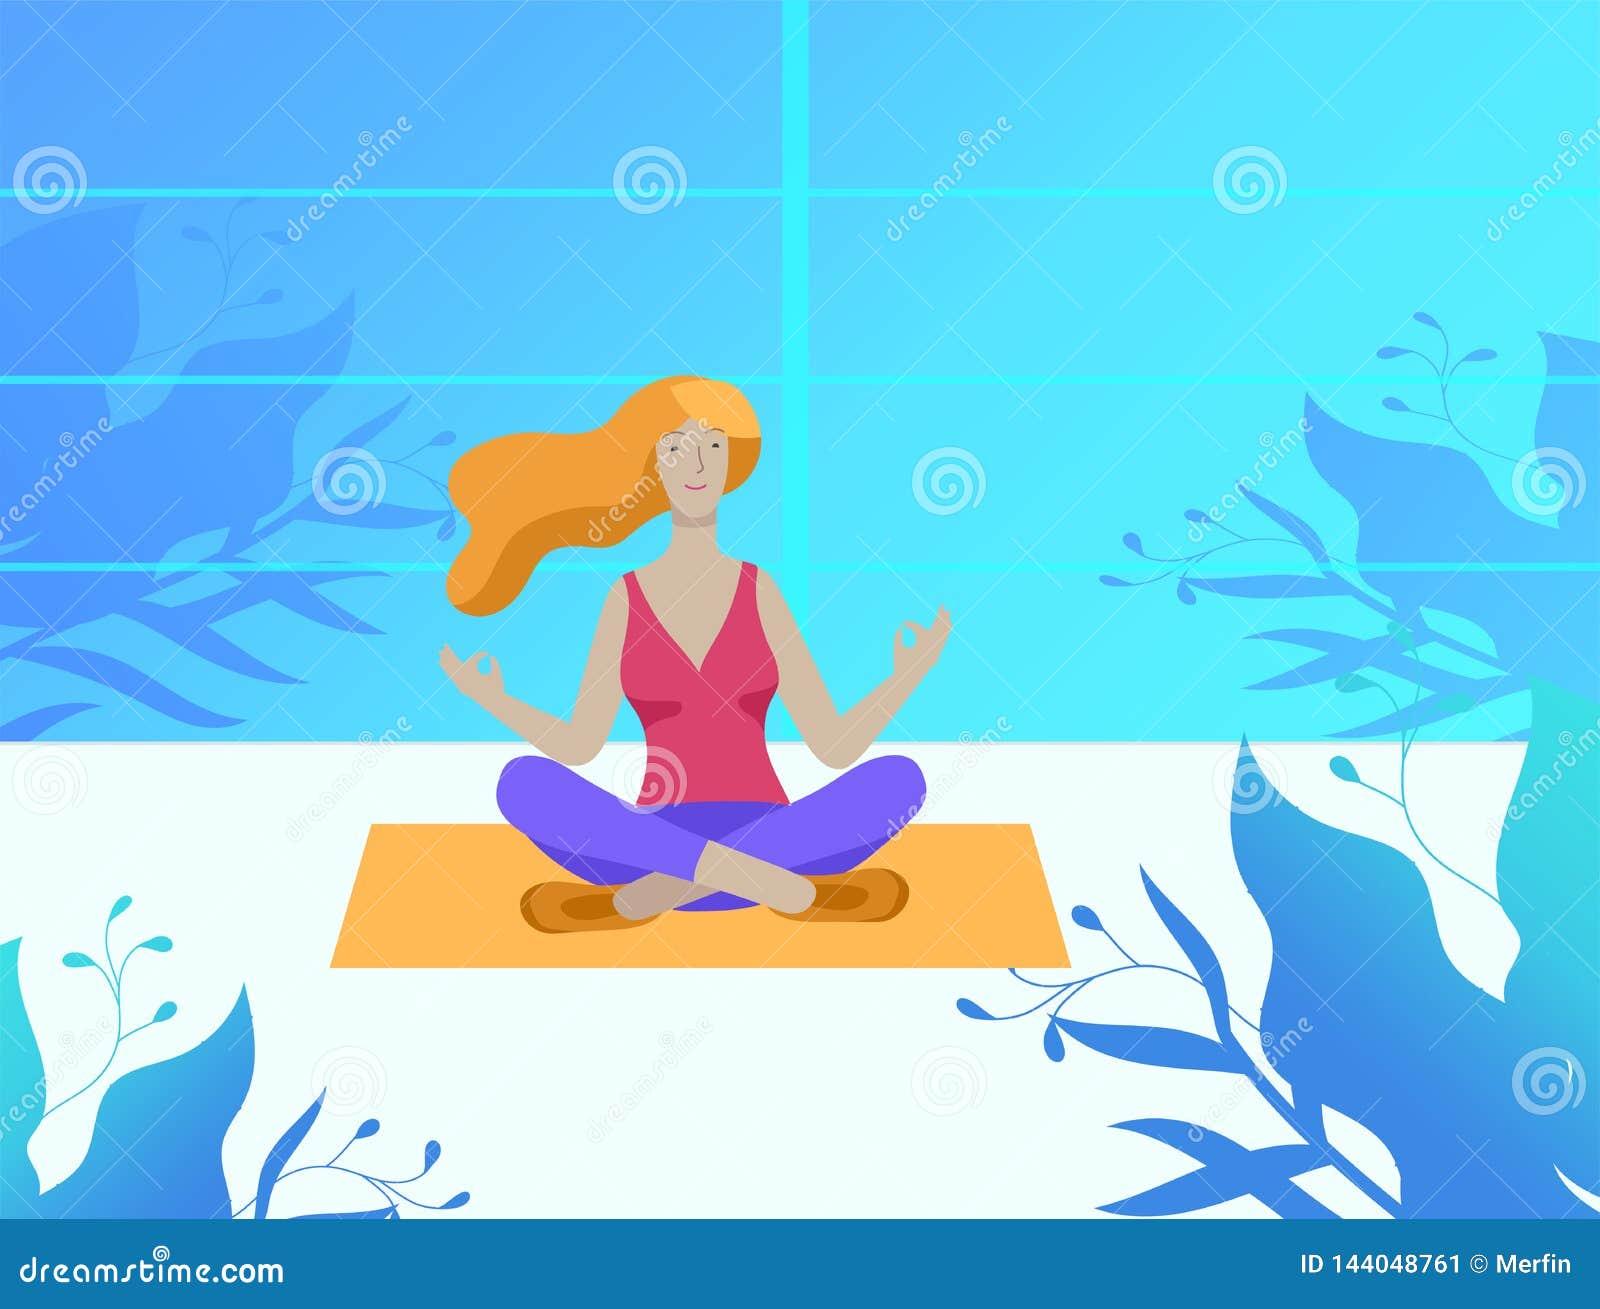 年轻人和妇女思考,坐在瑜伽姿势,在家执行有氧运动锻炼 物理和精神